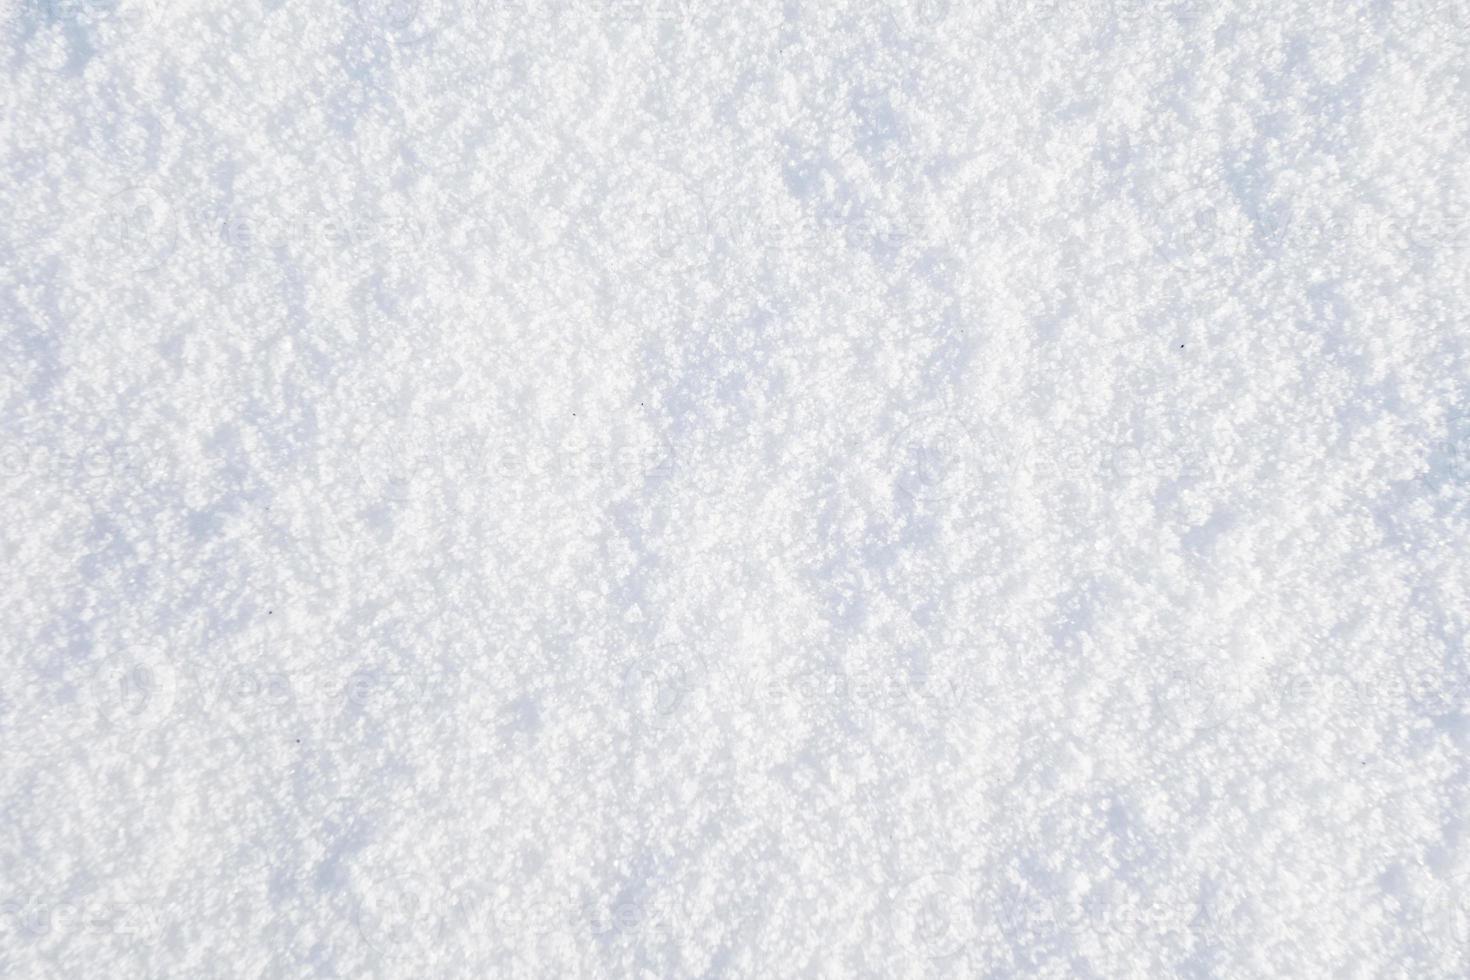 texture de la neige photo